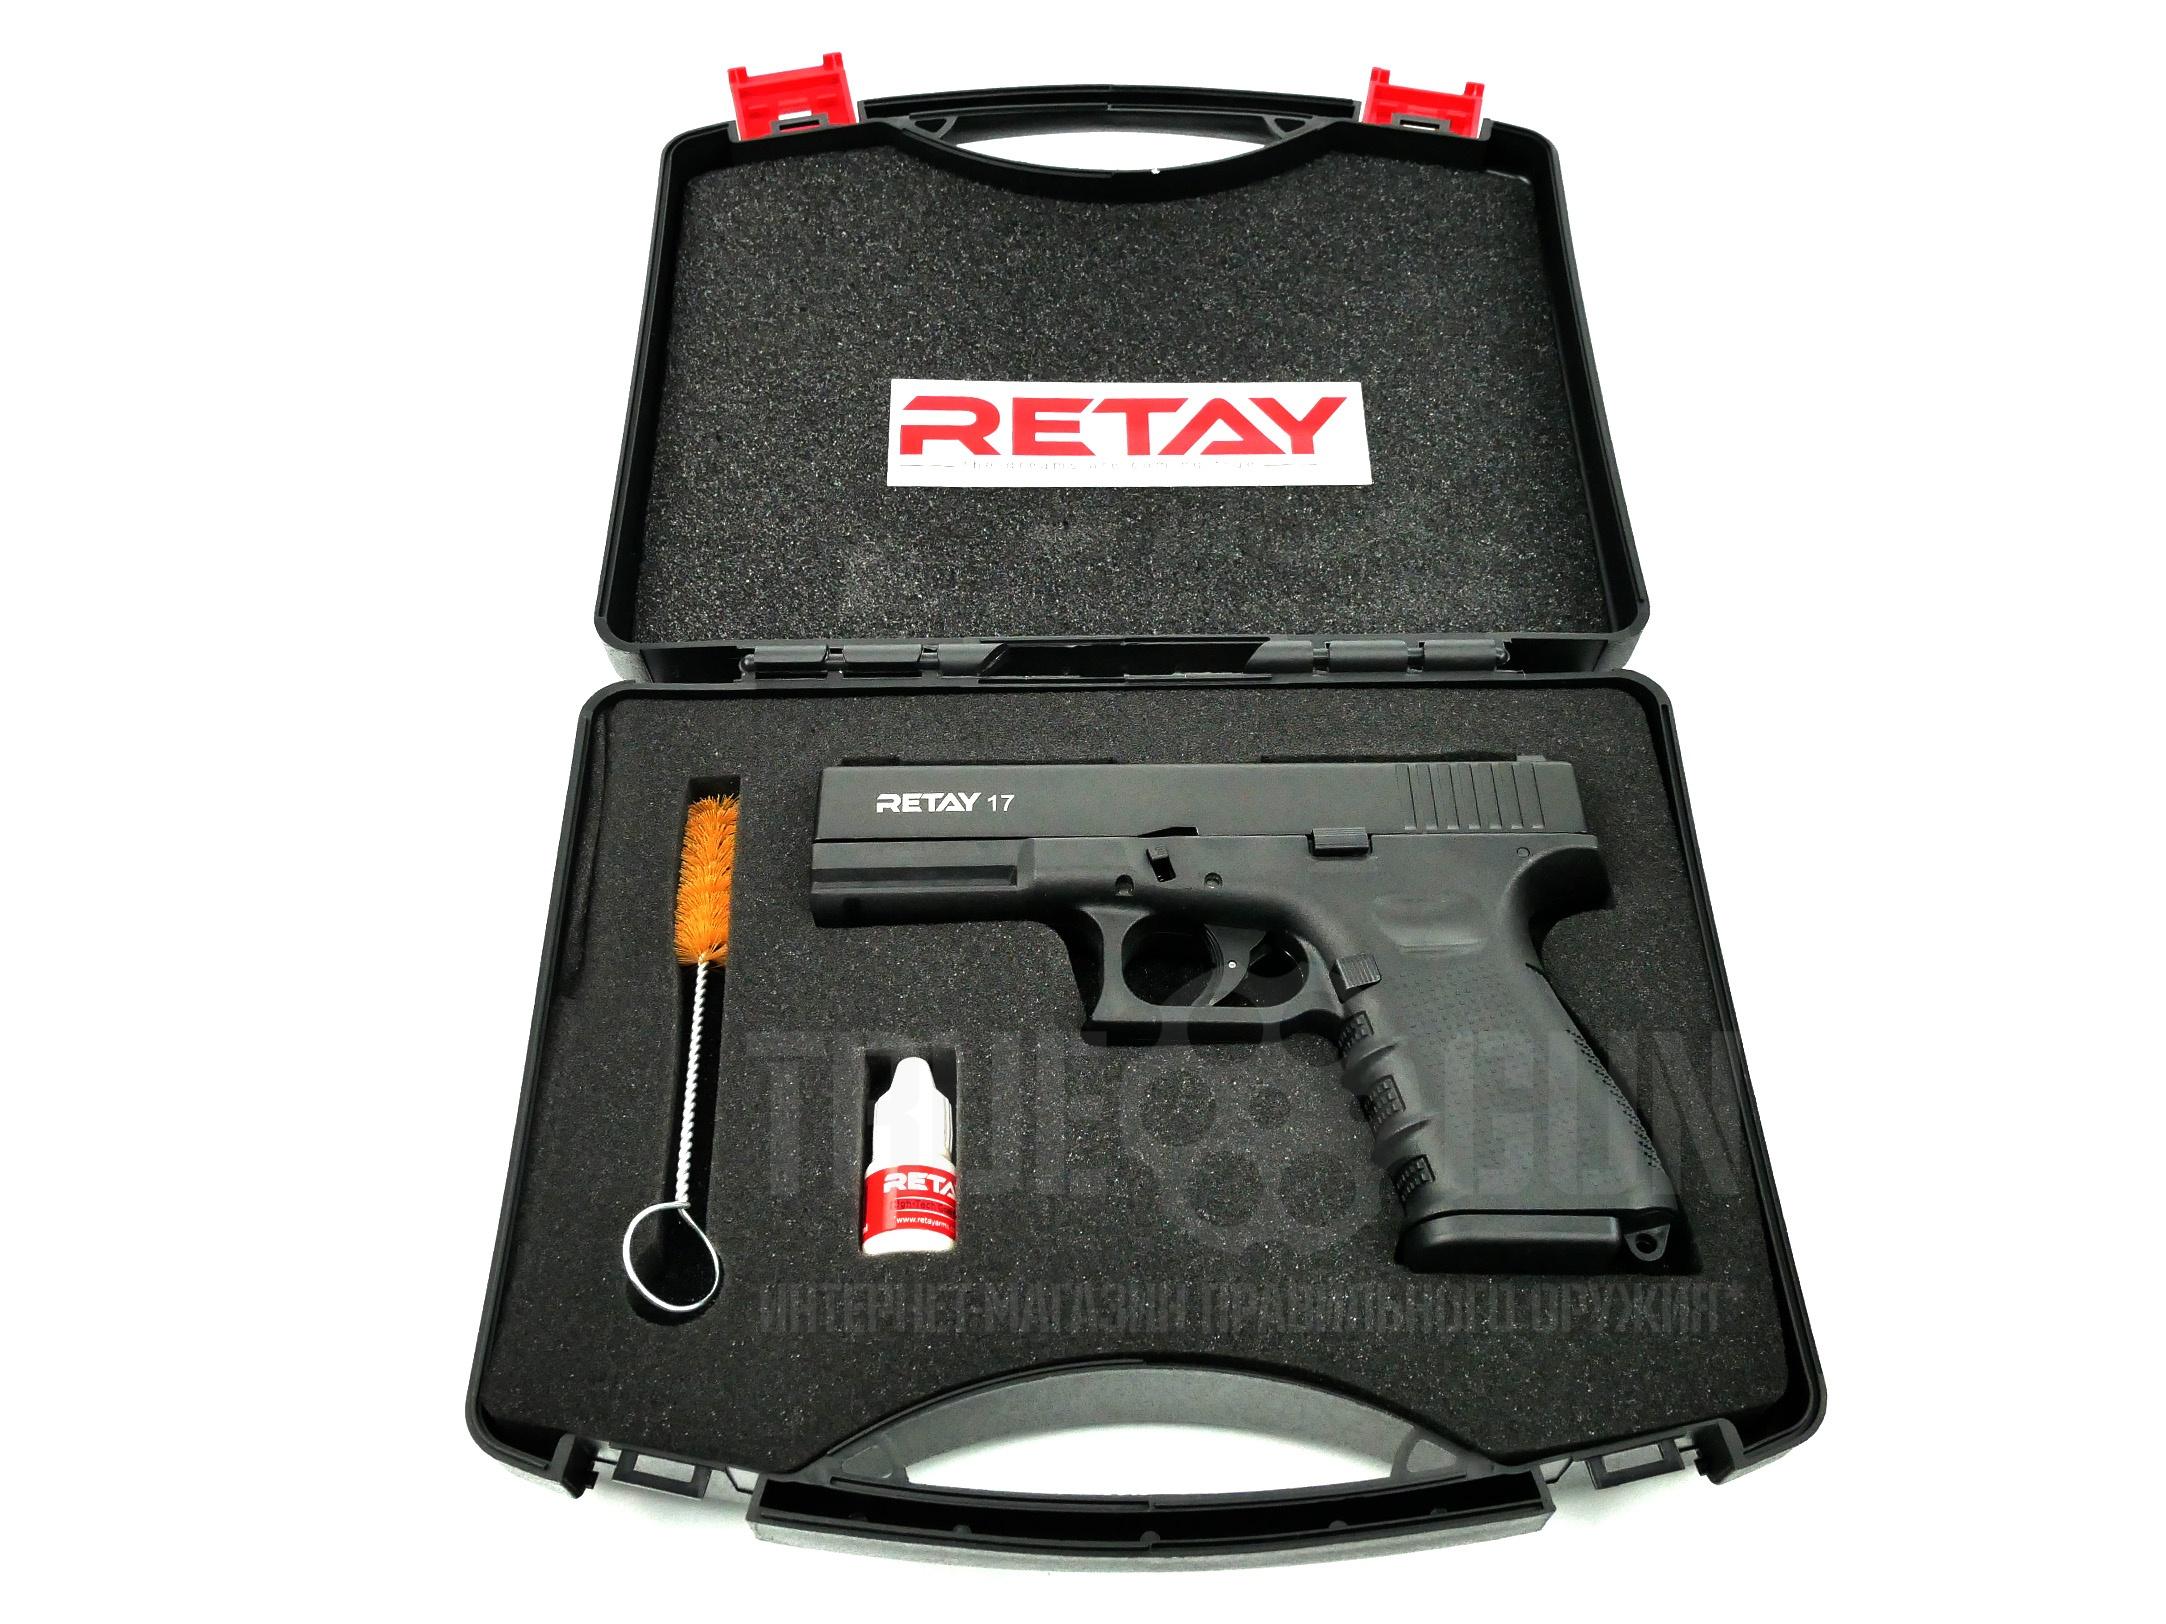 Охолощенный СХП пистолет Glok 17 RETAY